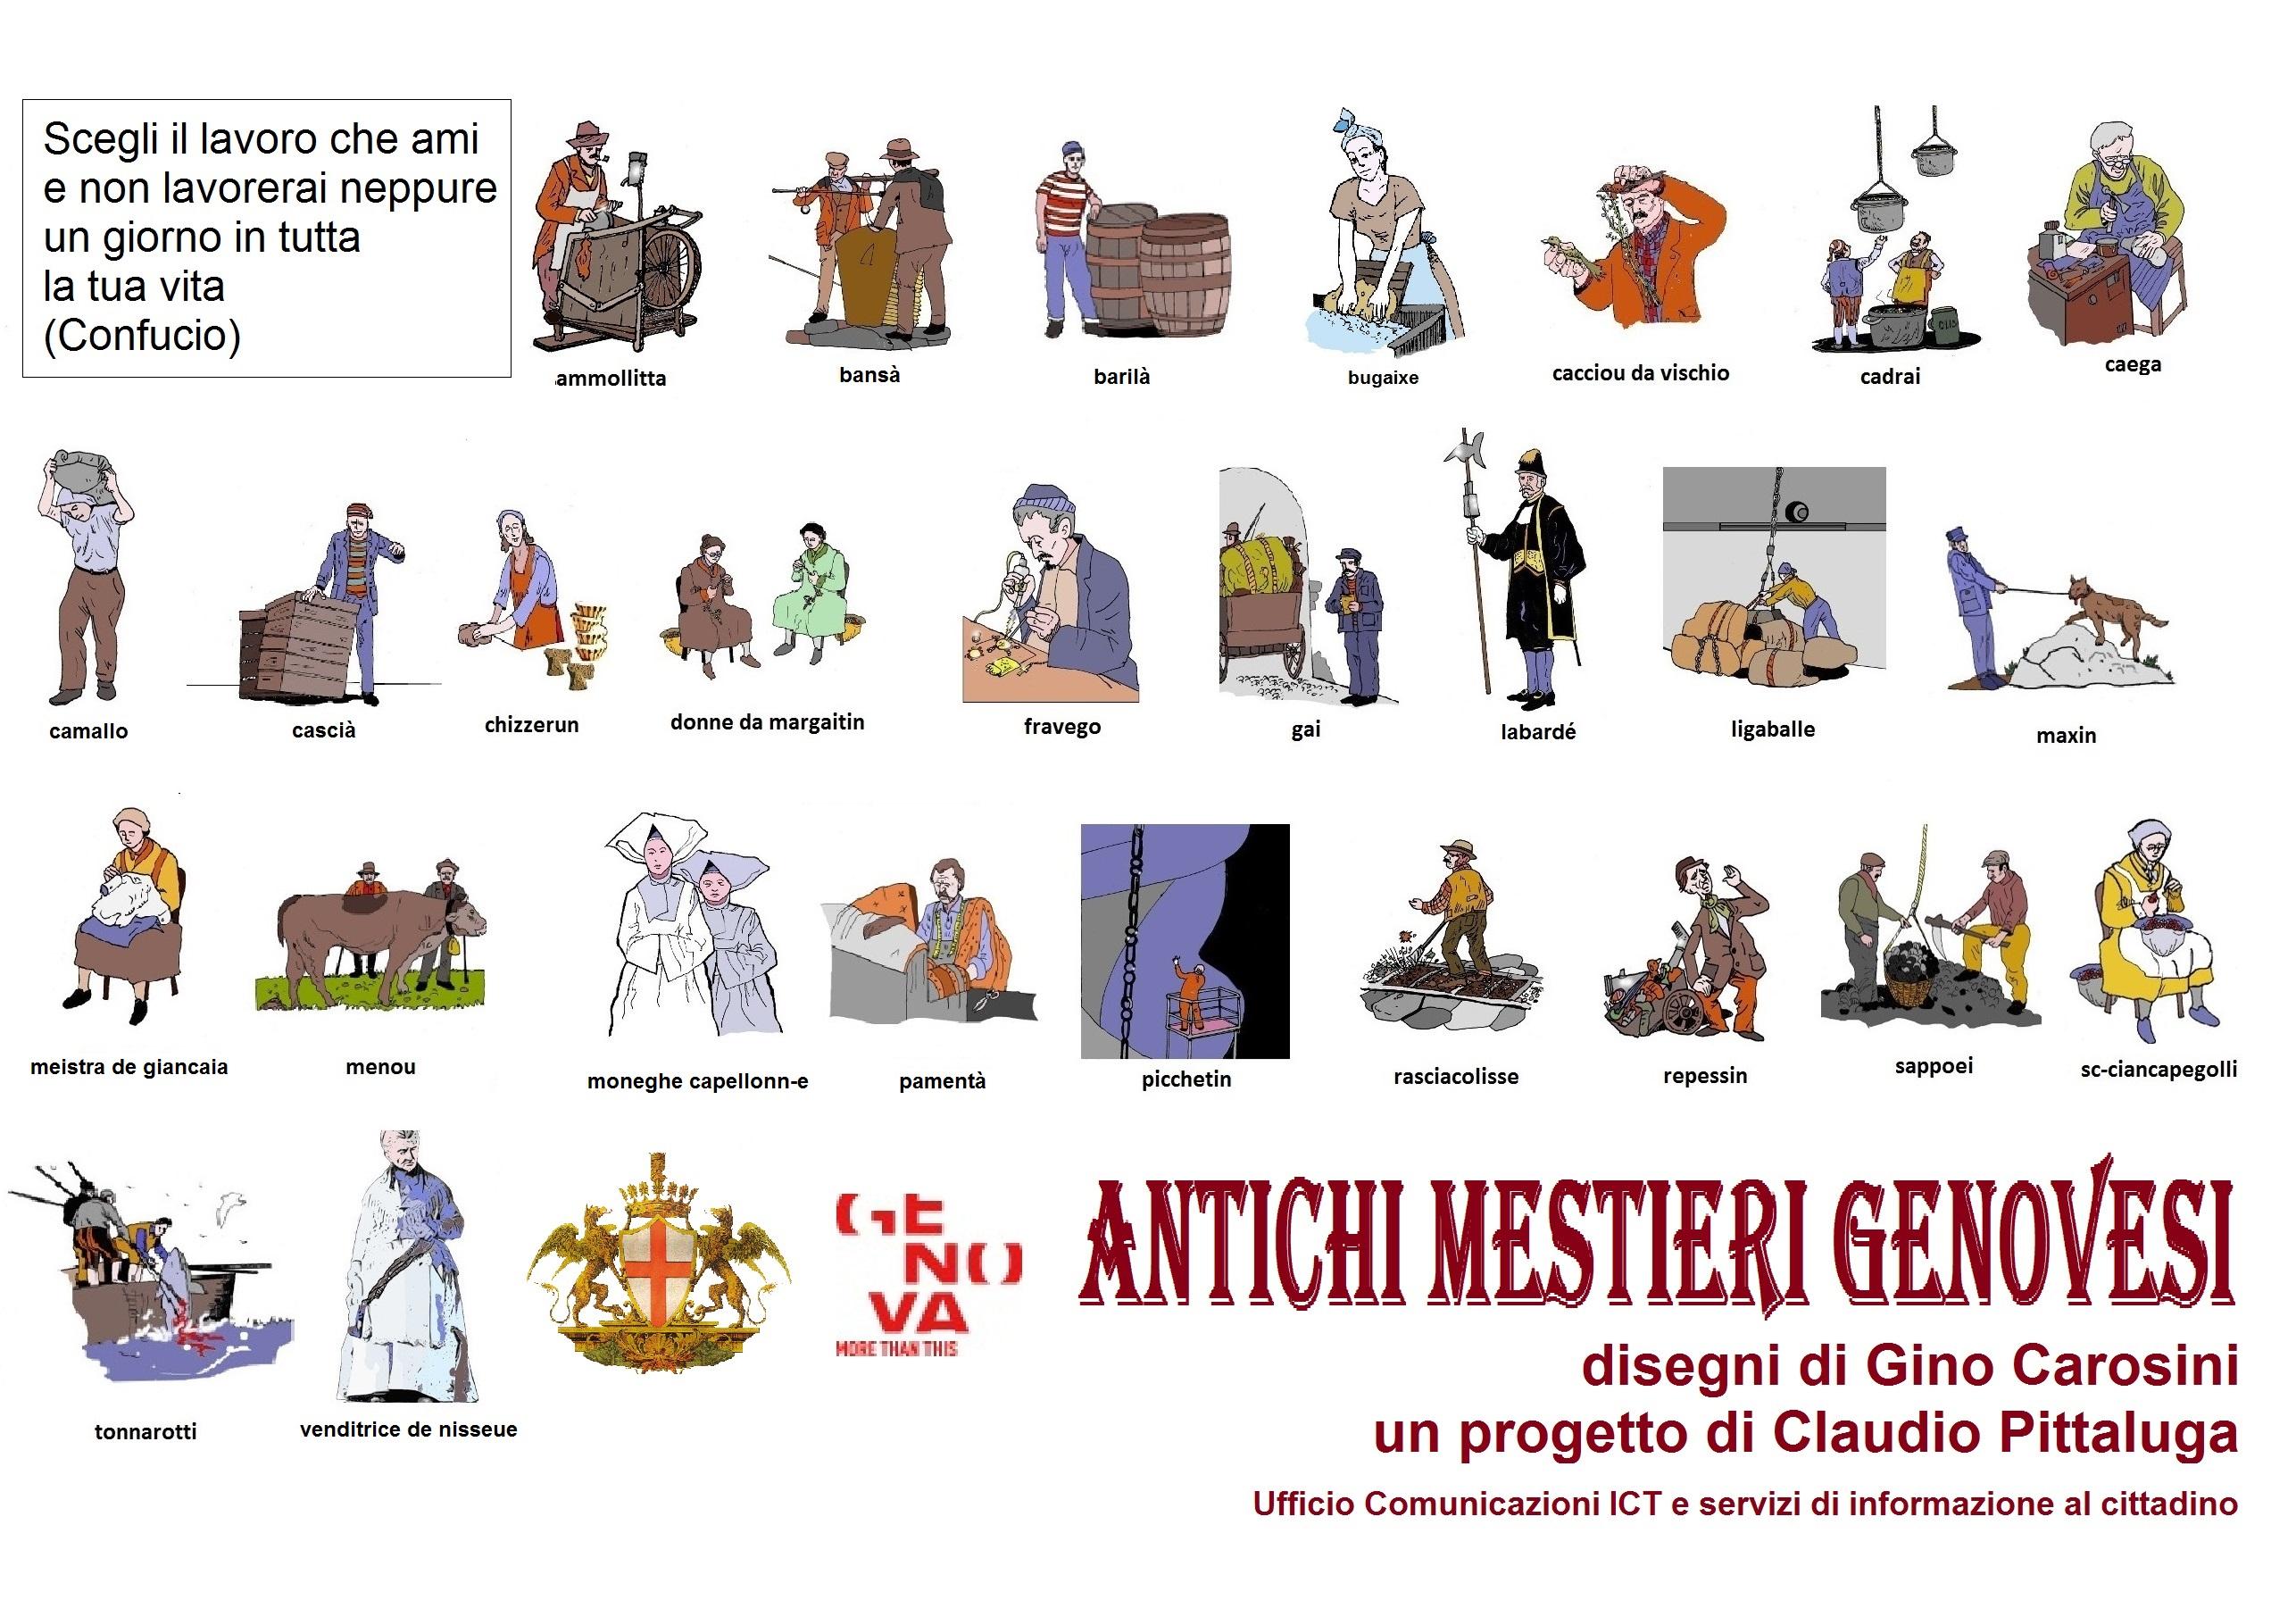 Mestieri Con La L.Antichi Mestieri Genovesi Comune Di Genova